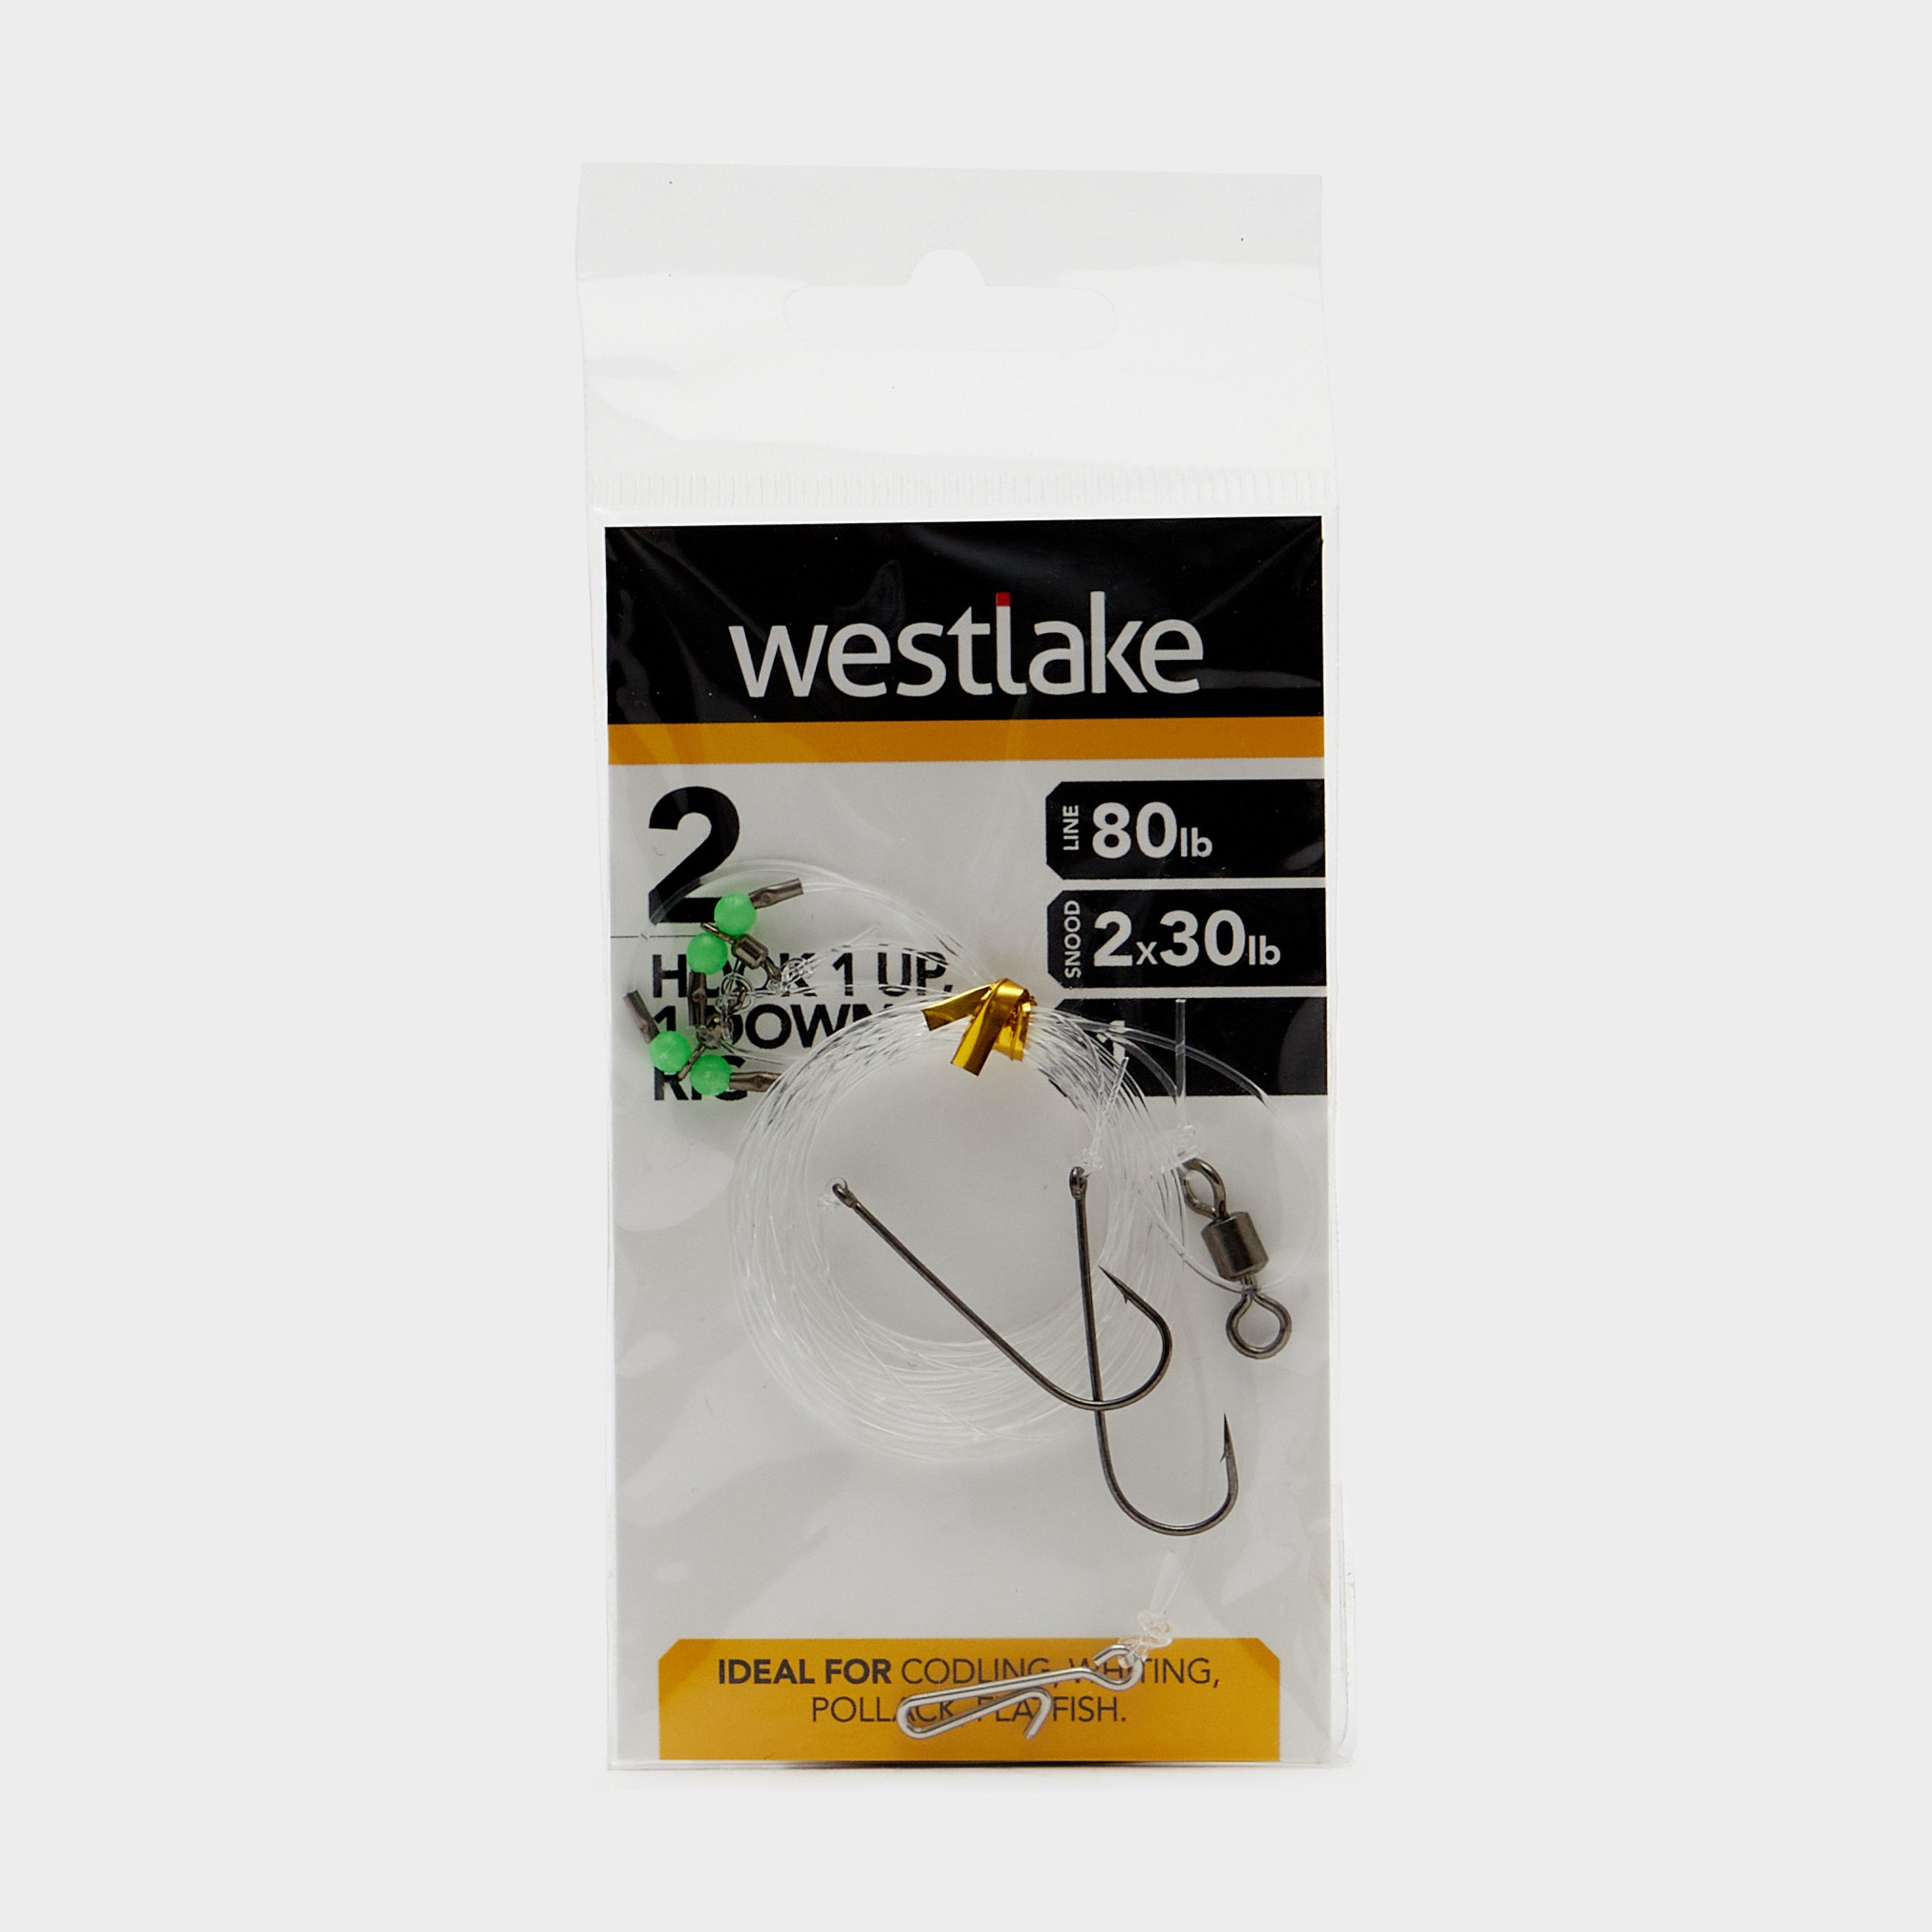 Westlake 2 Hook 1up 1down Rig 1 - 1/1  1/1